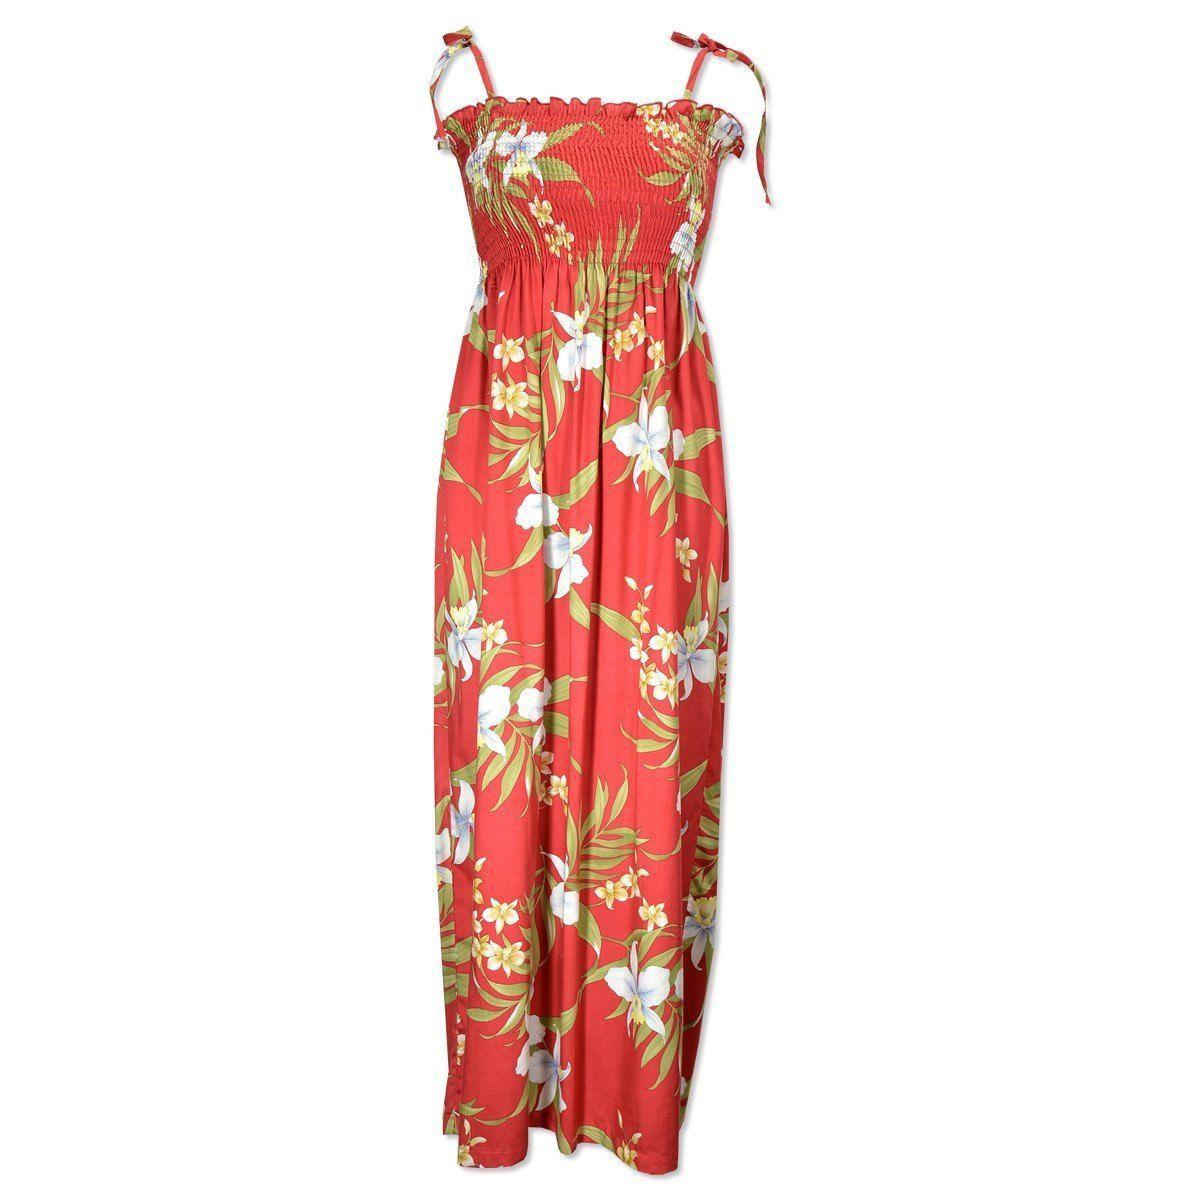 66a649eea84 Bamboo orchid red hawaiian maxi dress